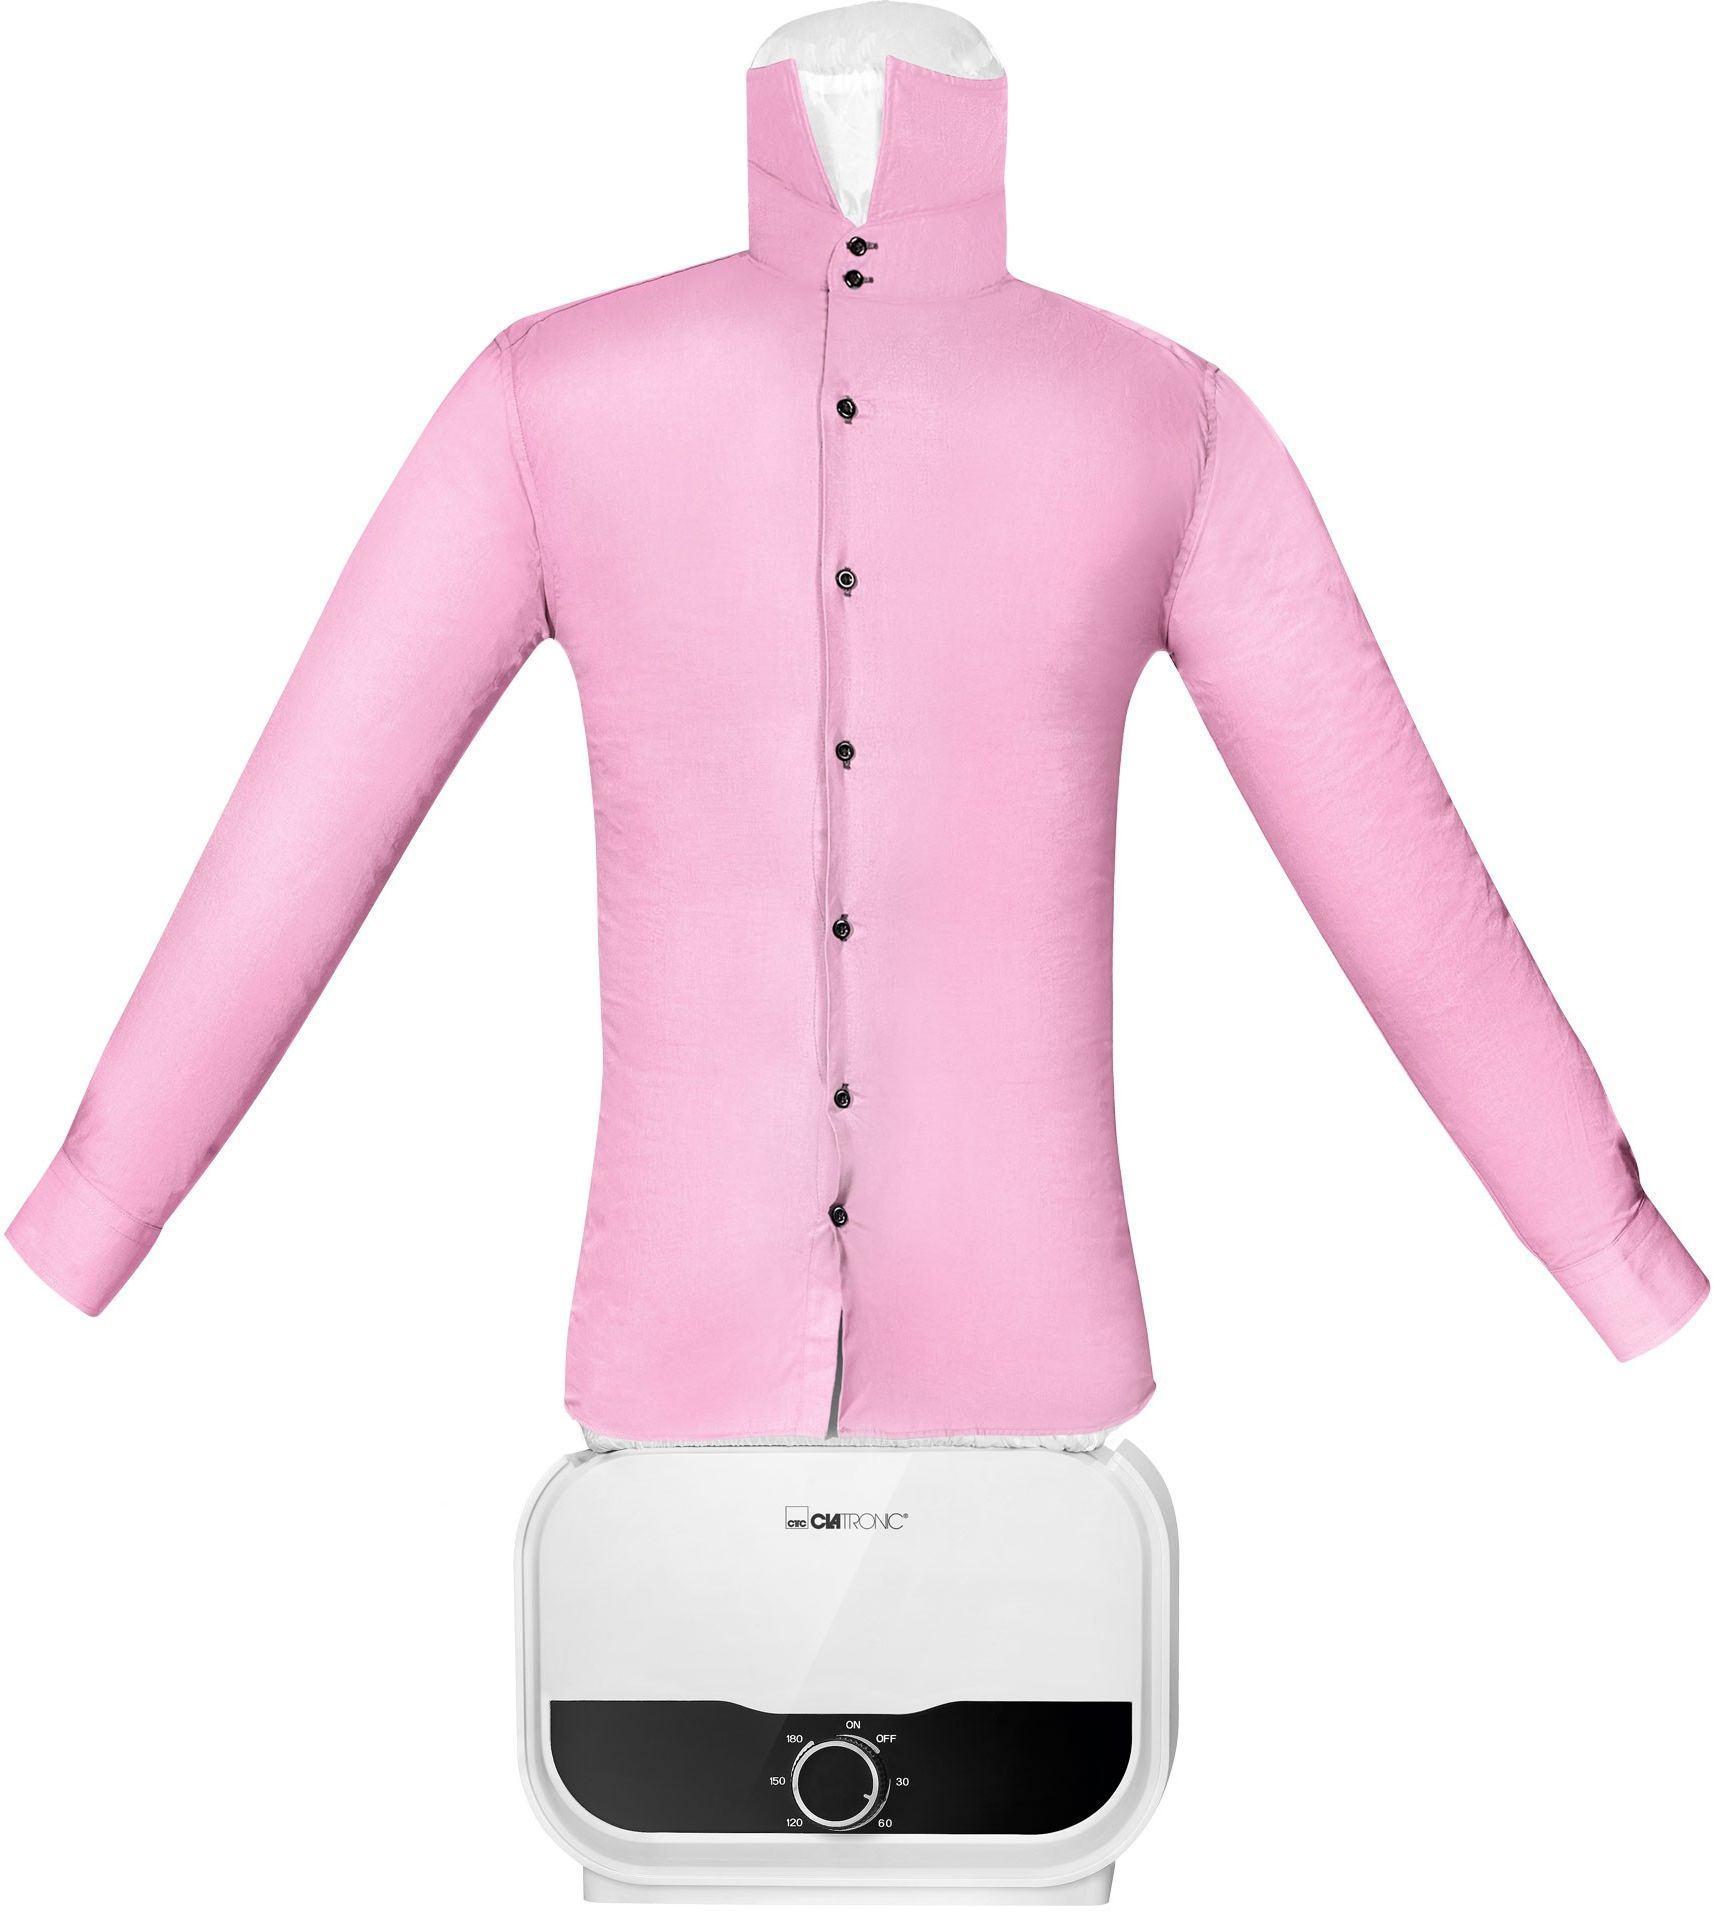 Prasowalnica do koszul i spodni, manekin do prasowania i suszenia Clatronic HBB 3734